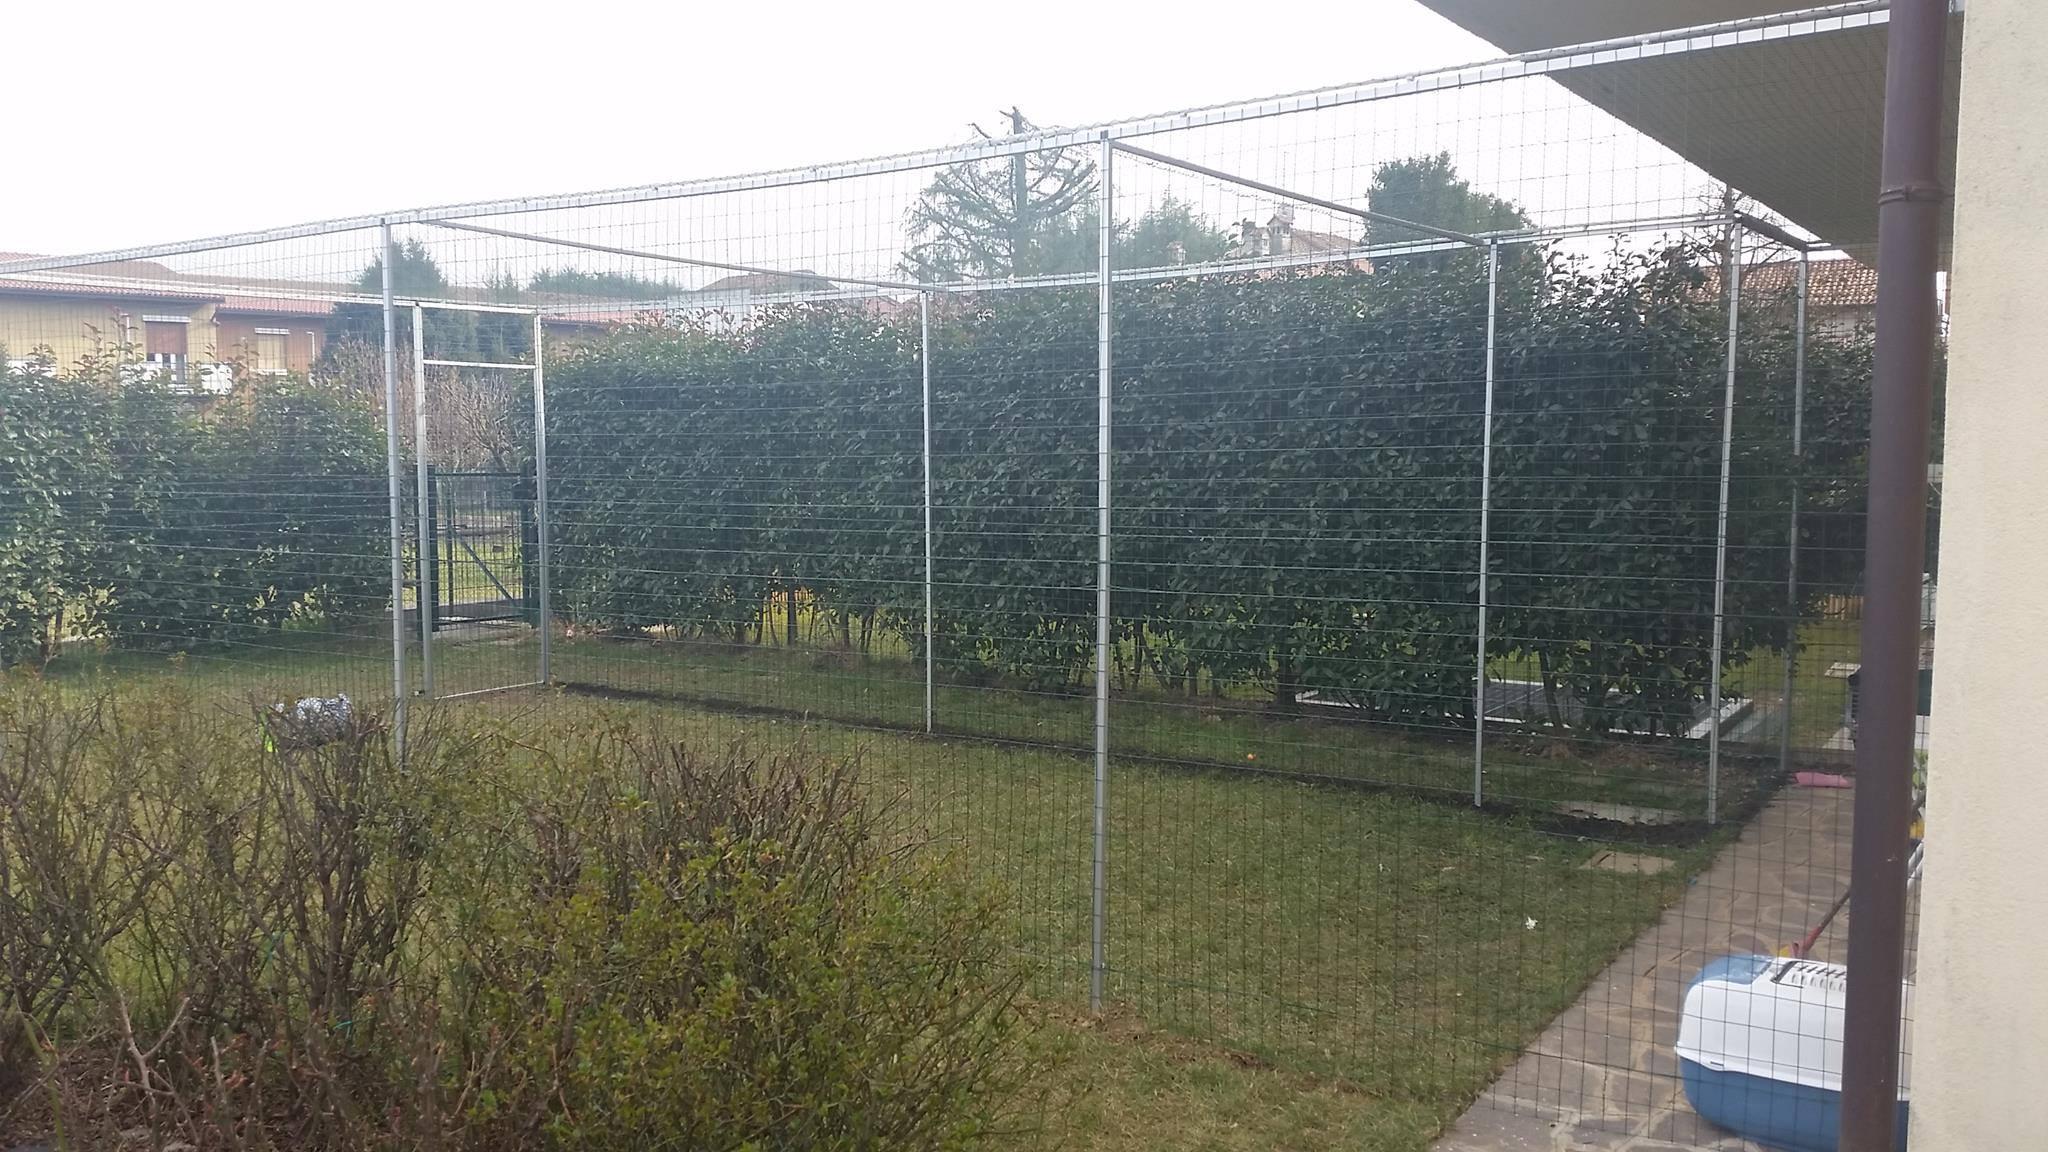 Reti protettive per giardini safetycat - Recinti per giardini ...